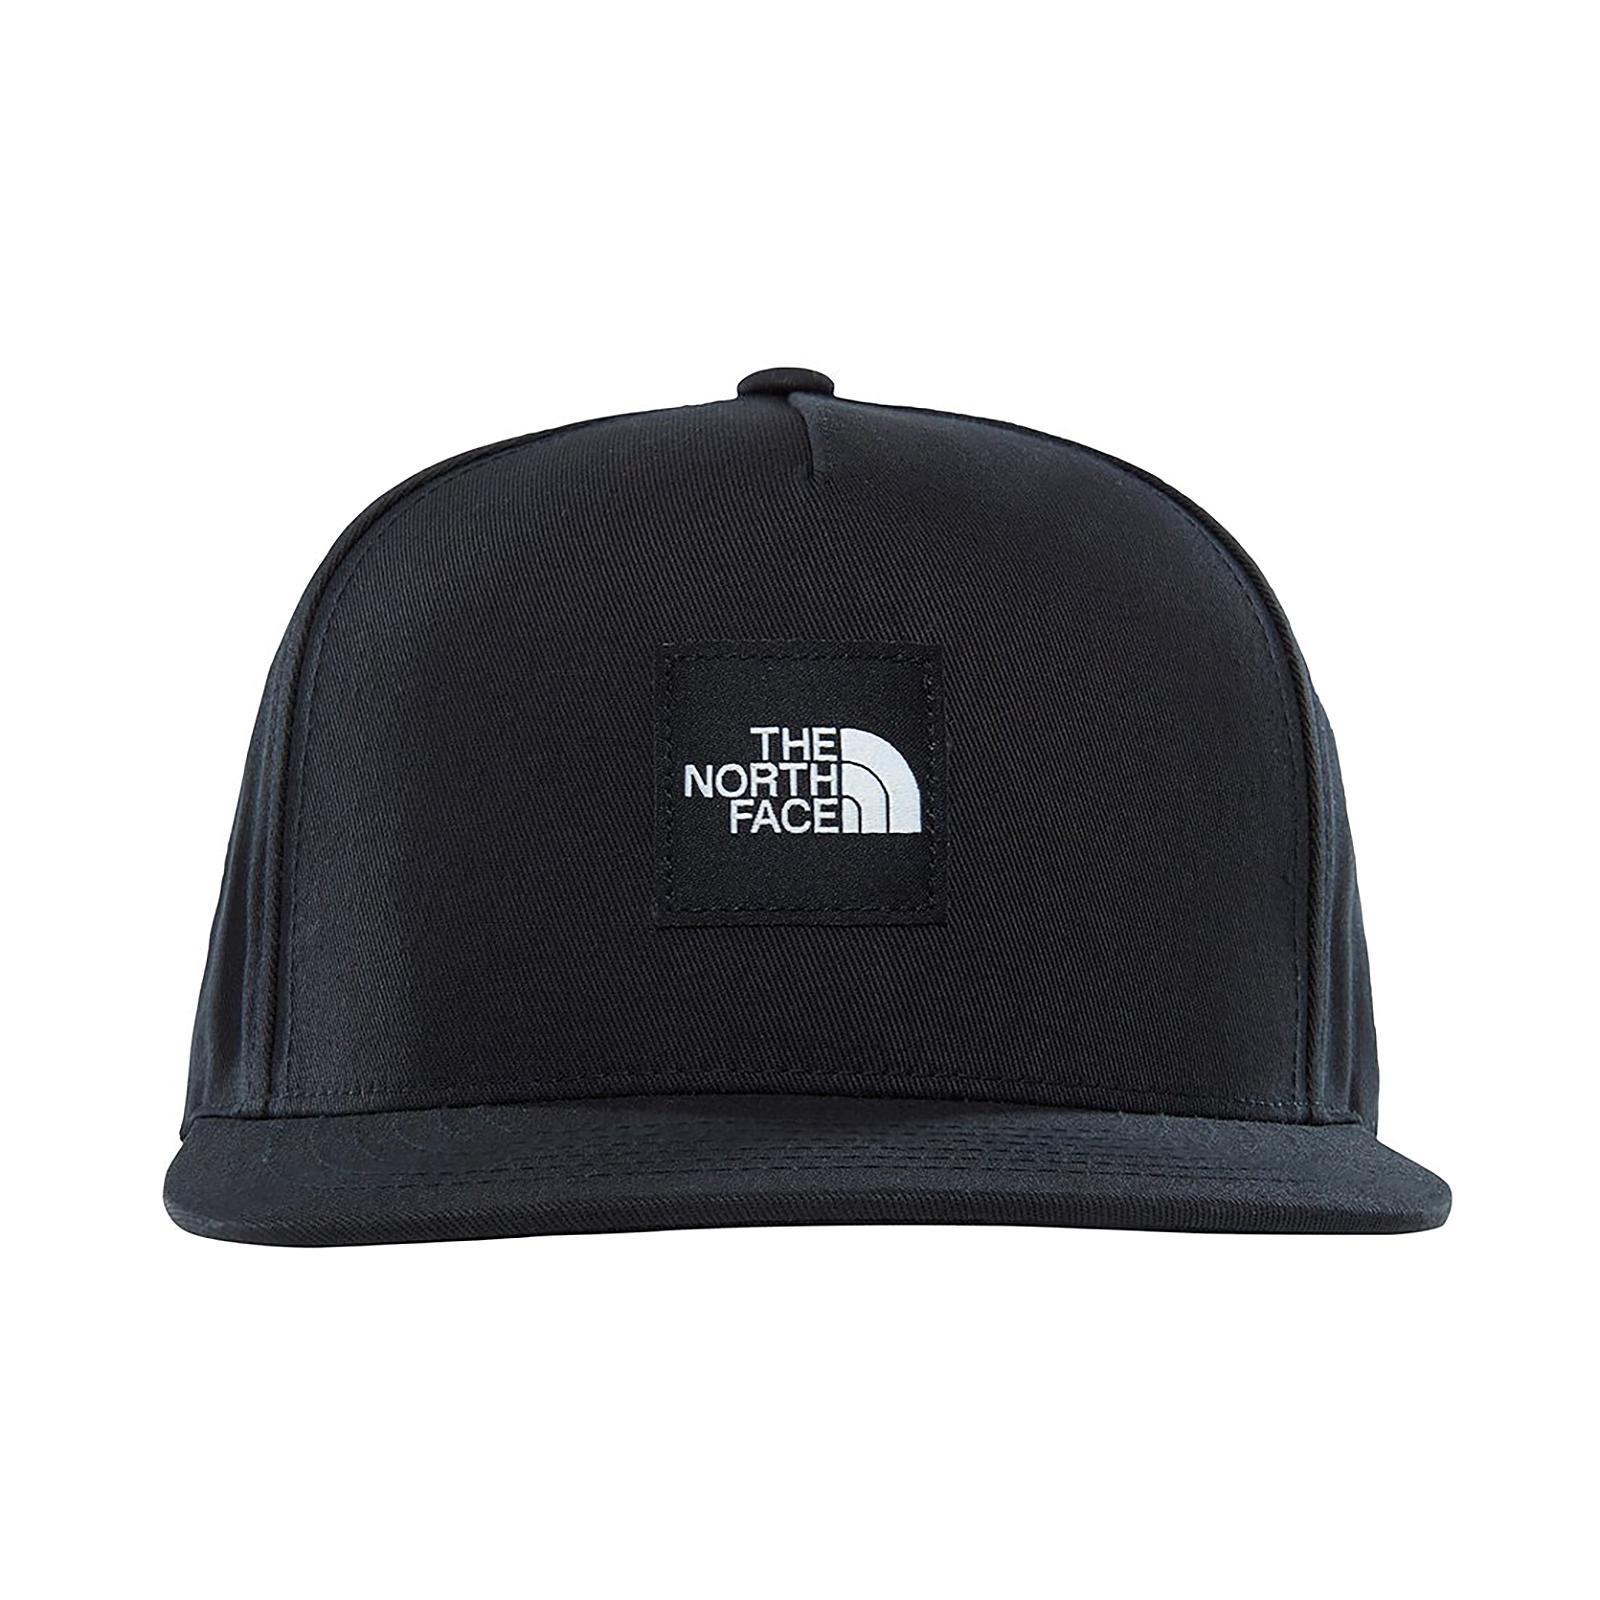 d0b64a07393 The North Face Cappelli Street Ball Cap Tnf Blk TNF blk Black